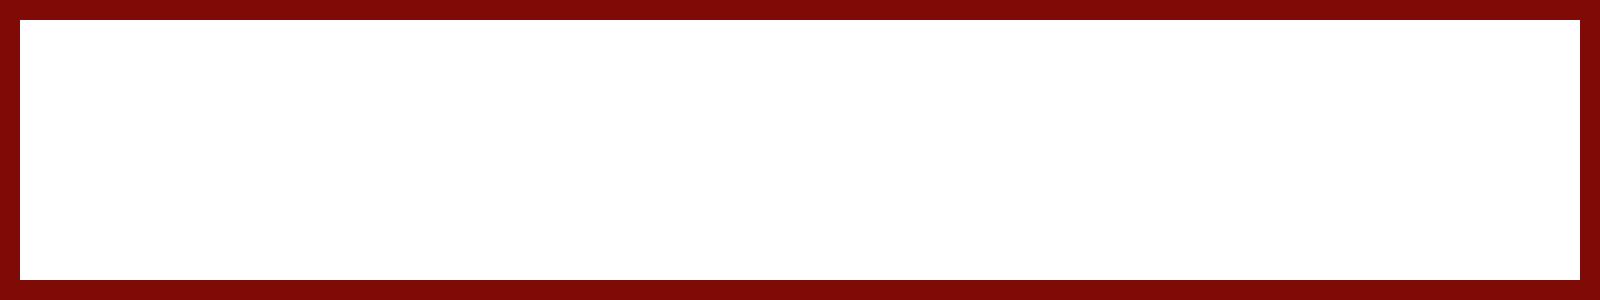 ELENA MIRò: SALDI TUTTO DAL -30% AL -50%